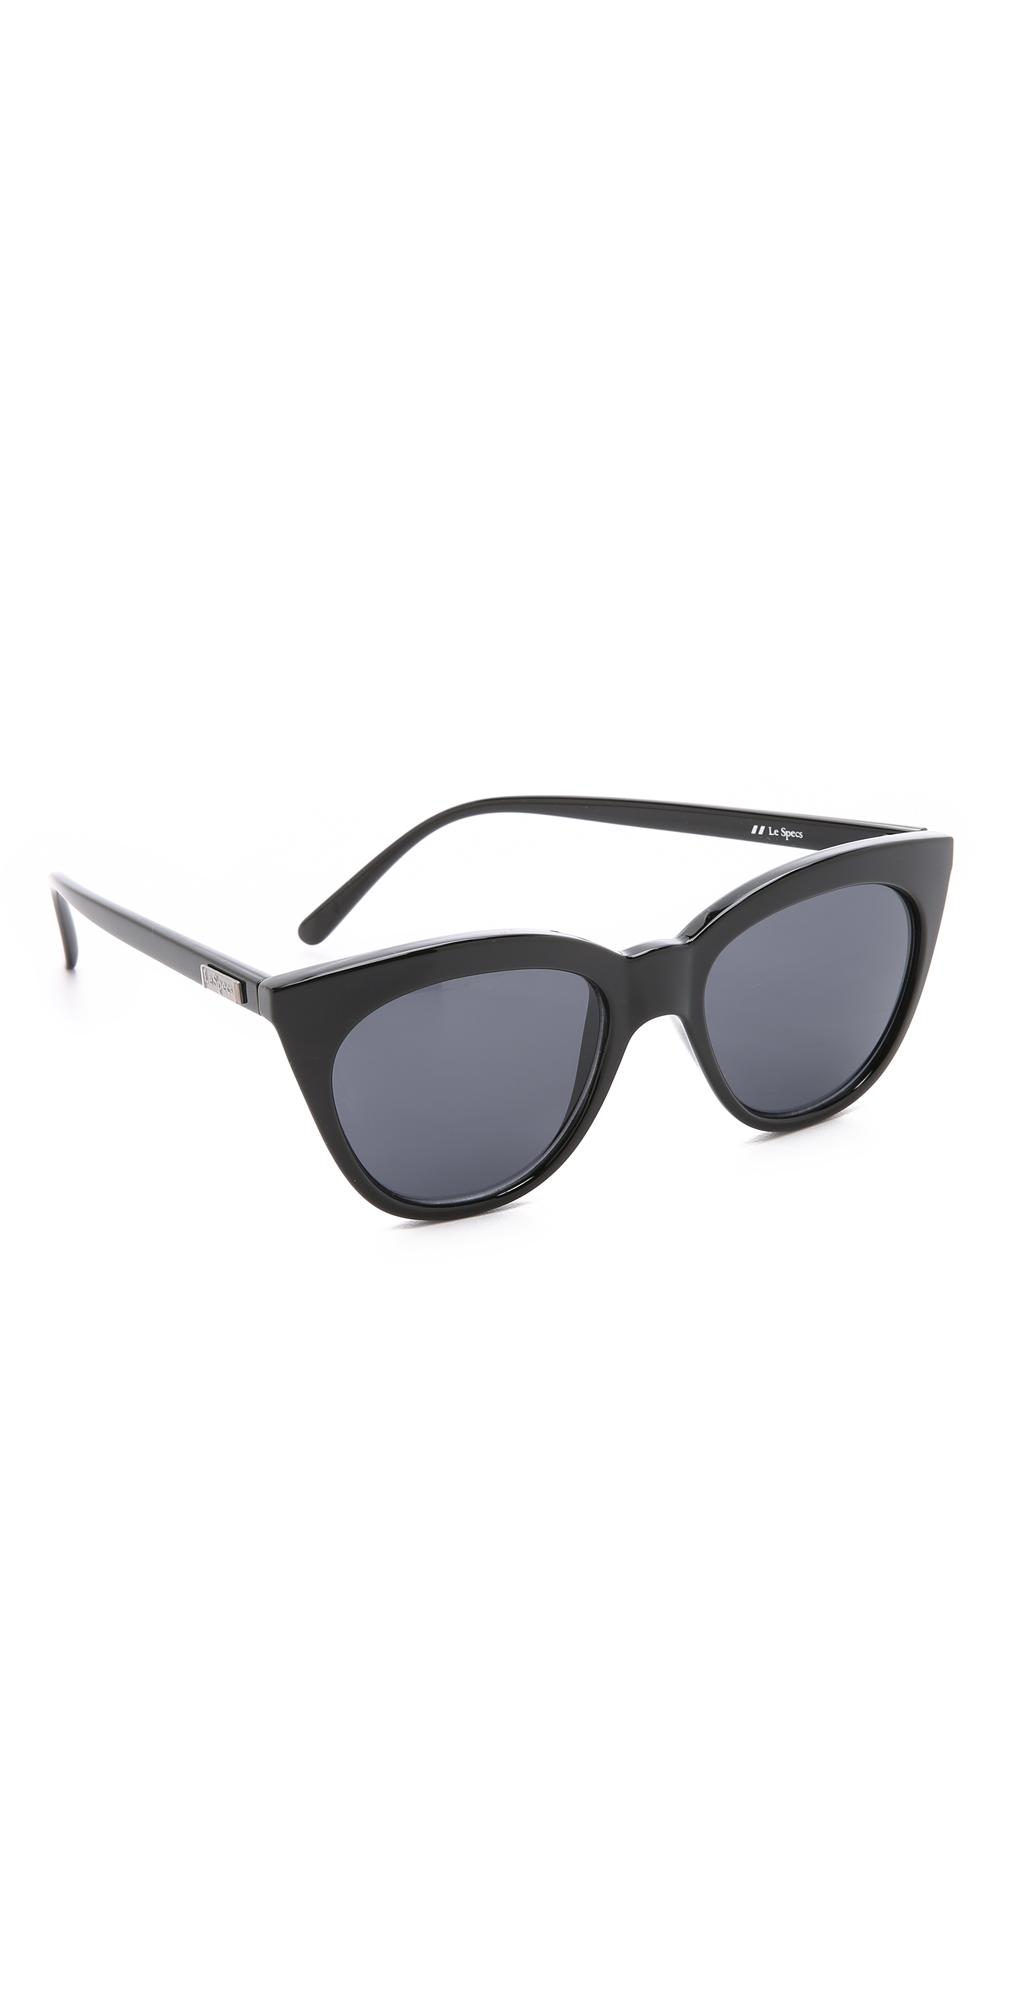 Half Moon Magic Sunglasses Le Specs